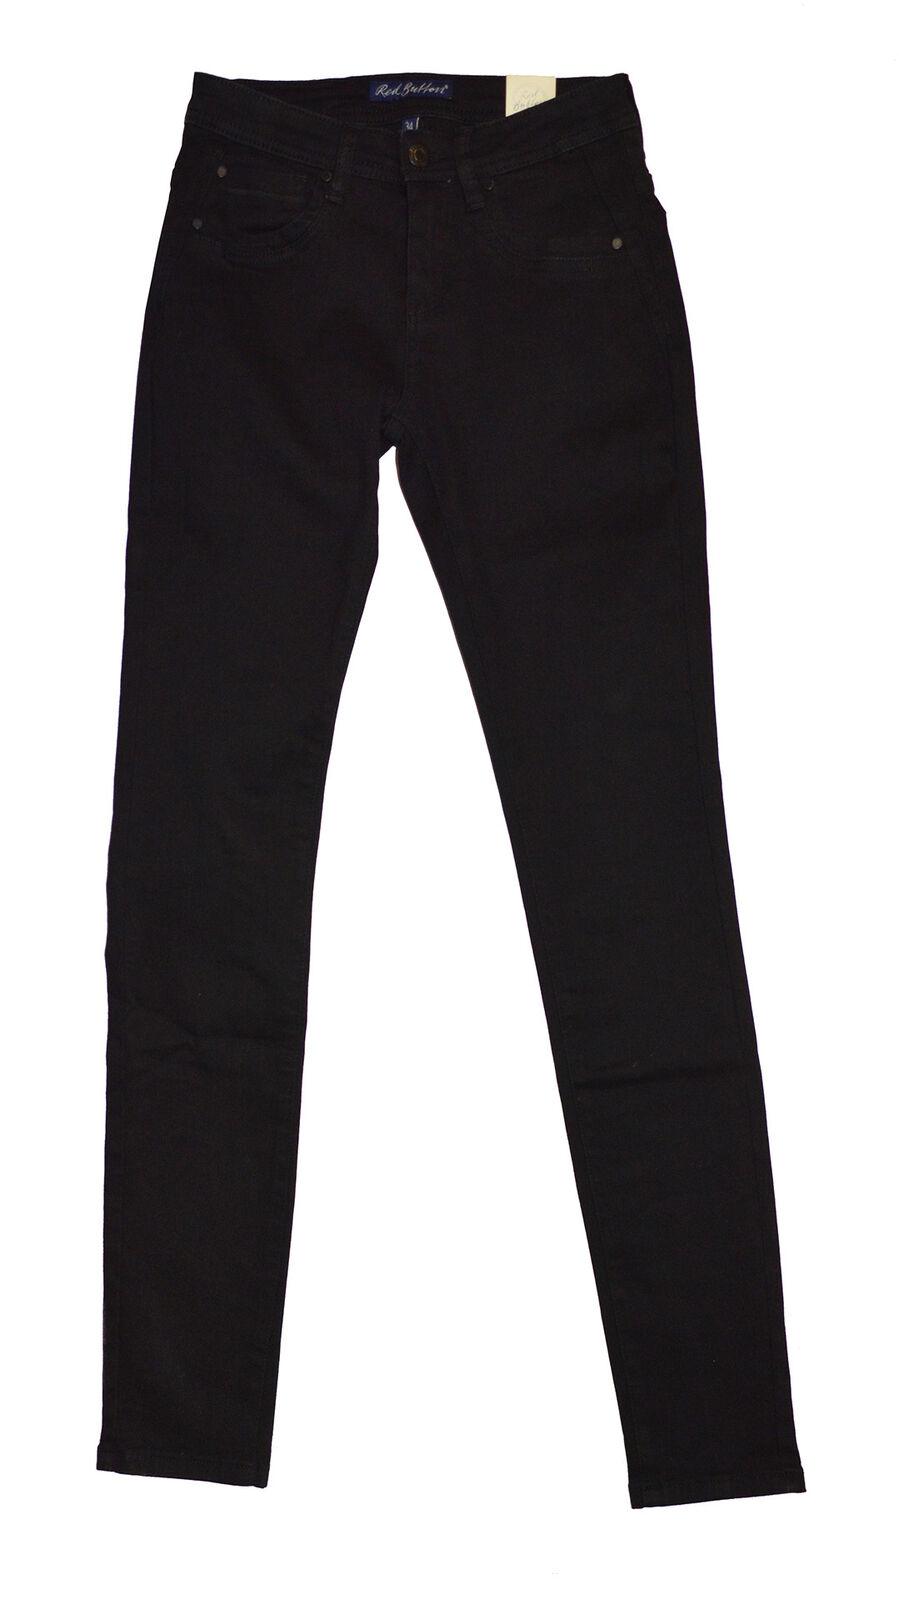 rot Button Damen Jeans Jimmy Skinny schwarz schwarz Neu